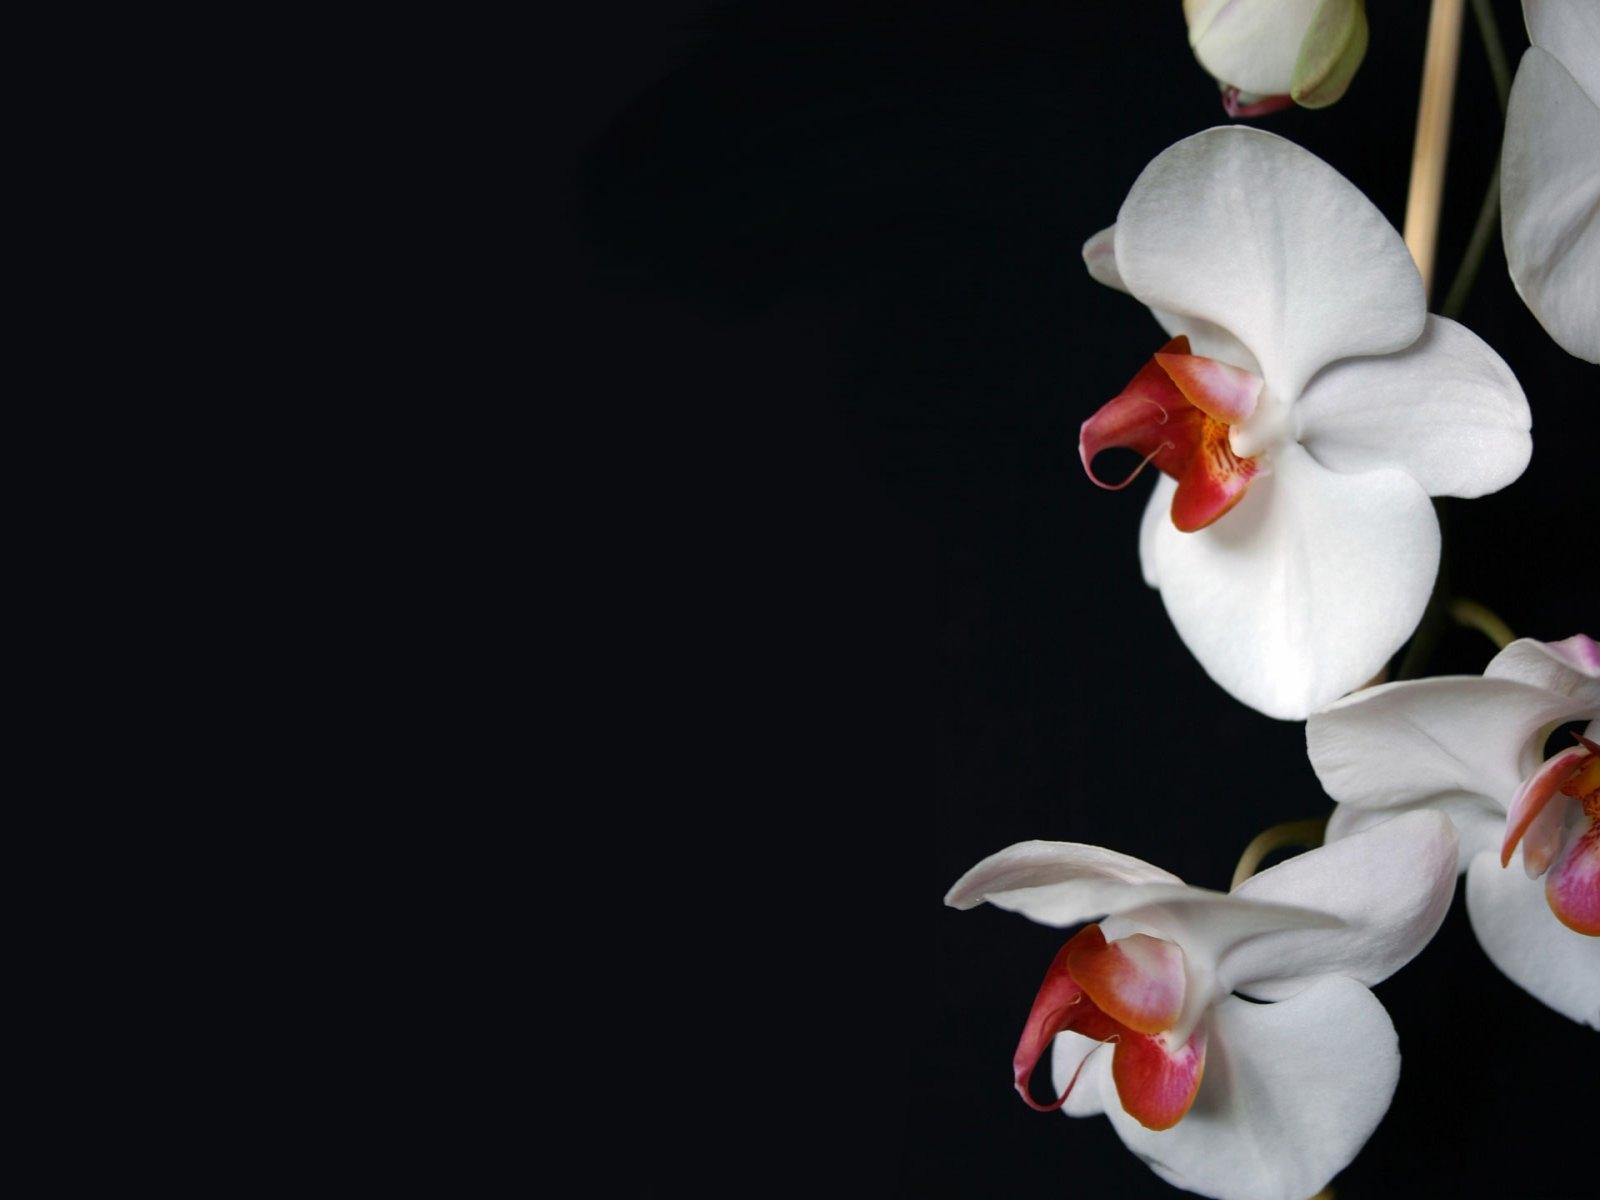 Обои на телефон цветы на черном фоне014